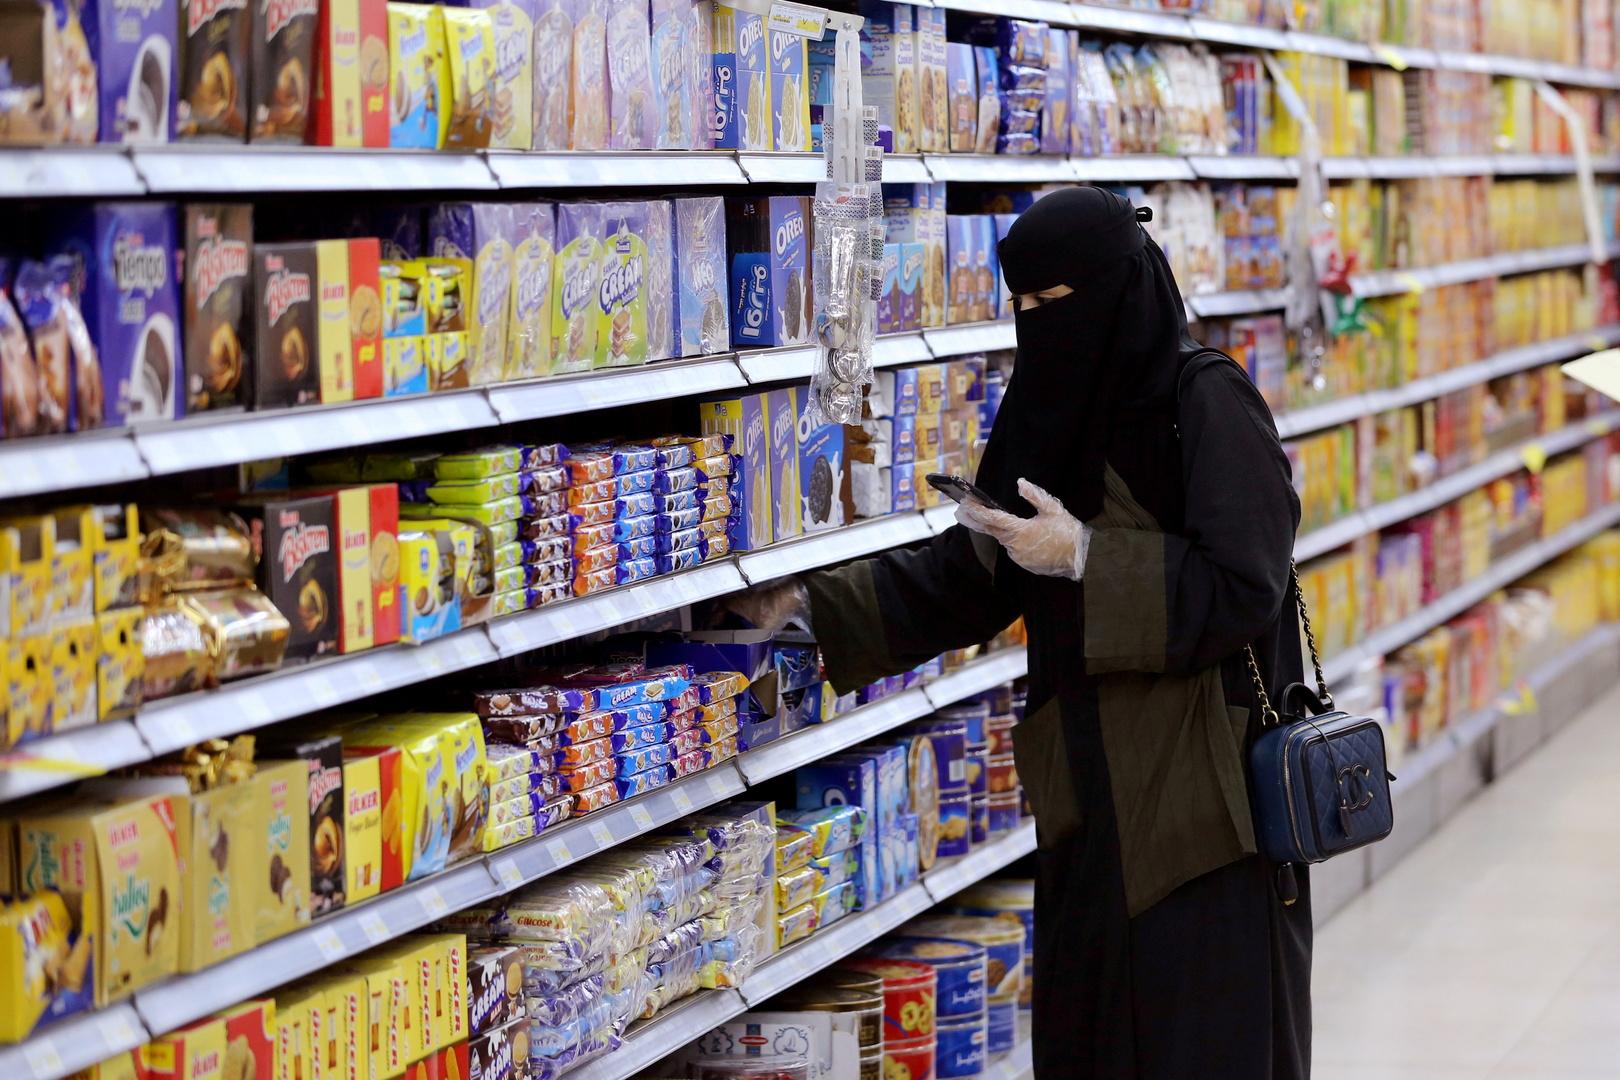 السعودية توجه نداء عاجلا لمواطنيها الموجودين في إندونيسيا وتطالبهم بالعودة